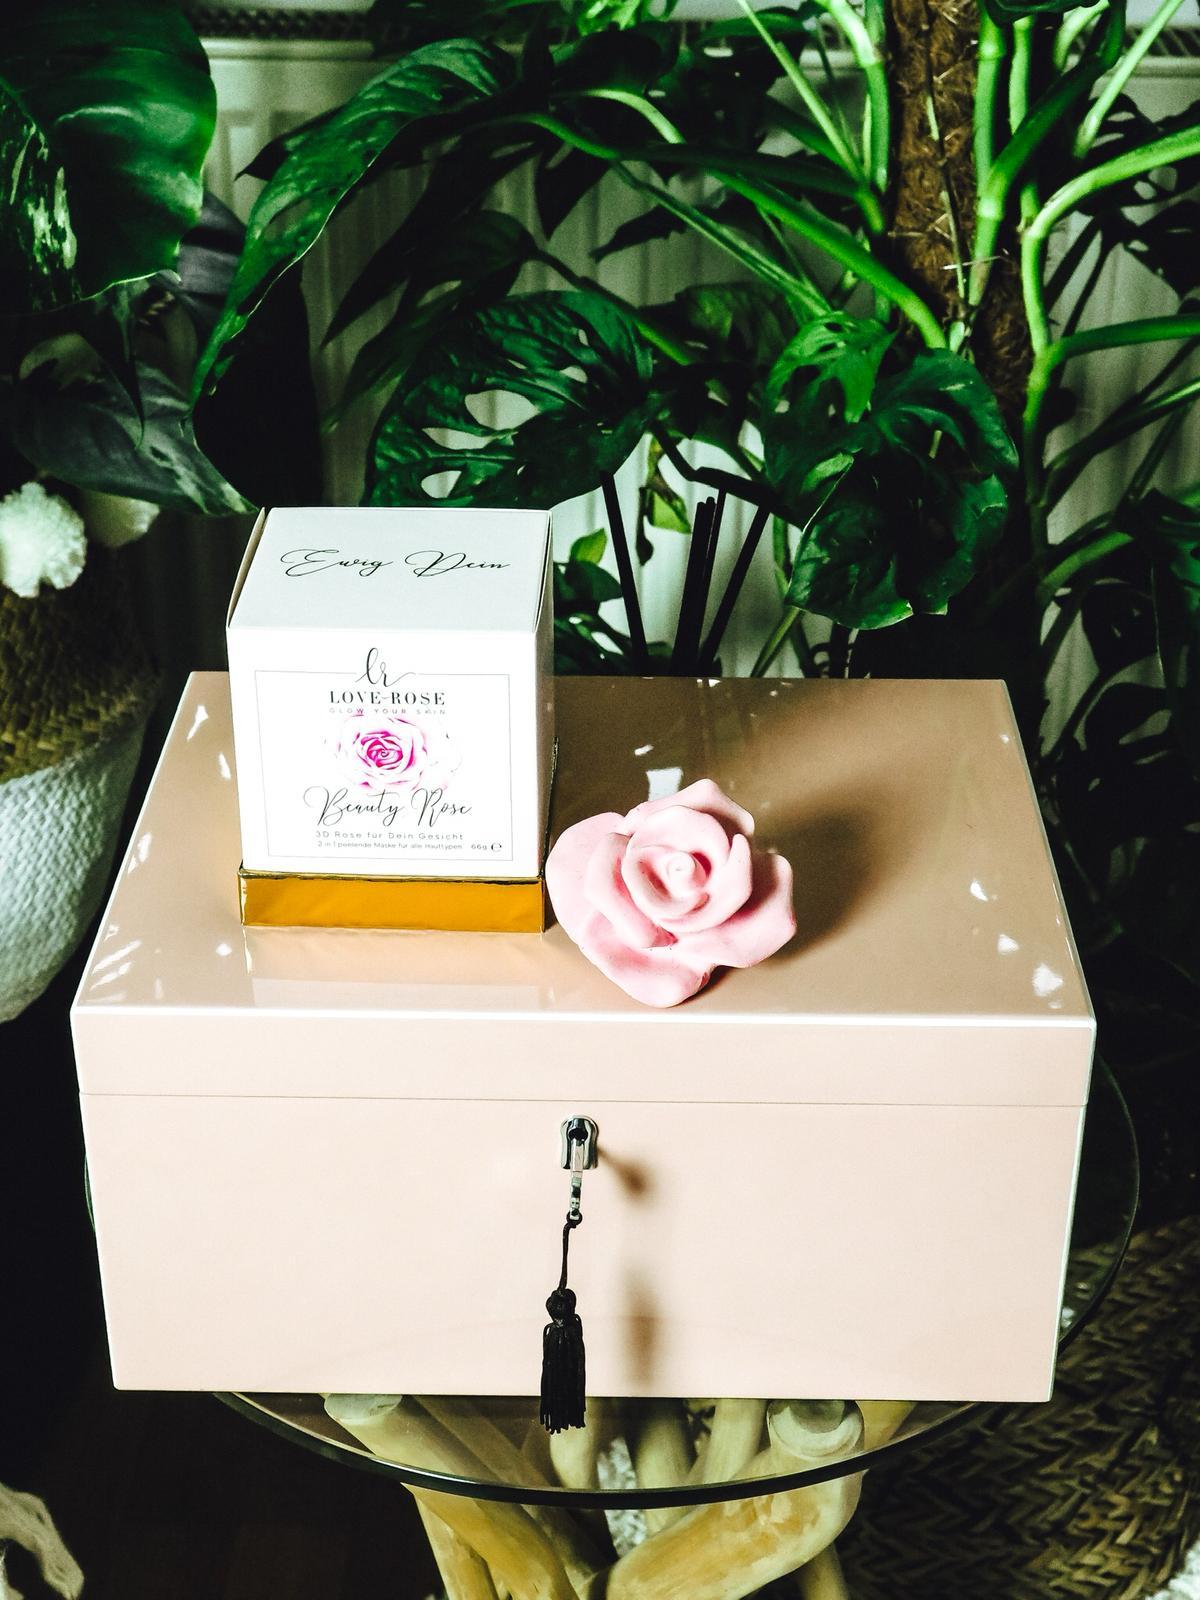 Love Rose Cosmetics produziert die Peeling Rose fürs Gesicht.